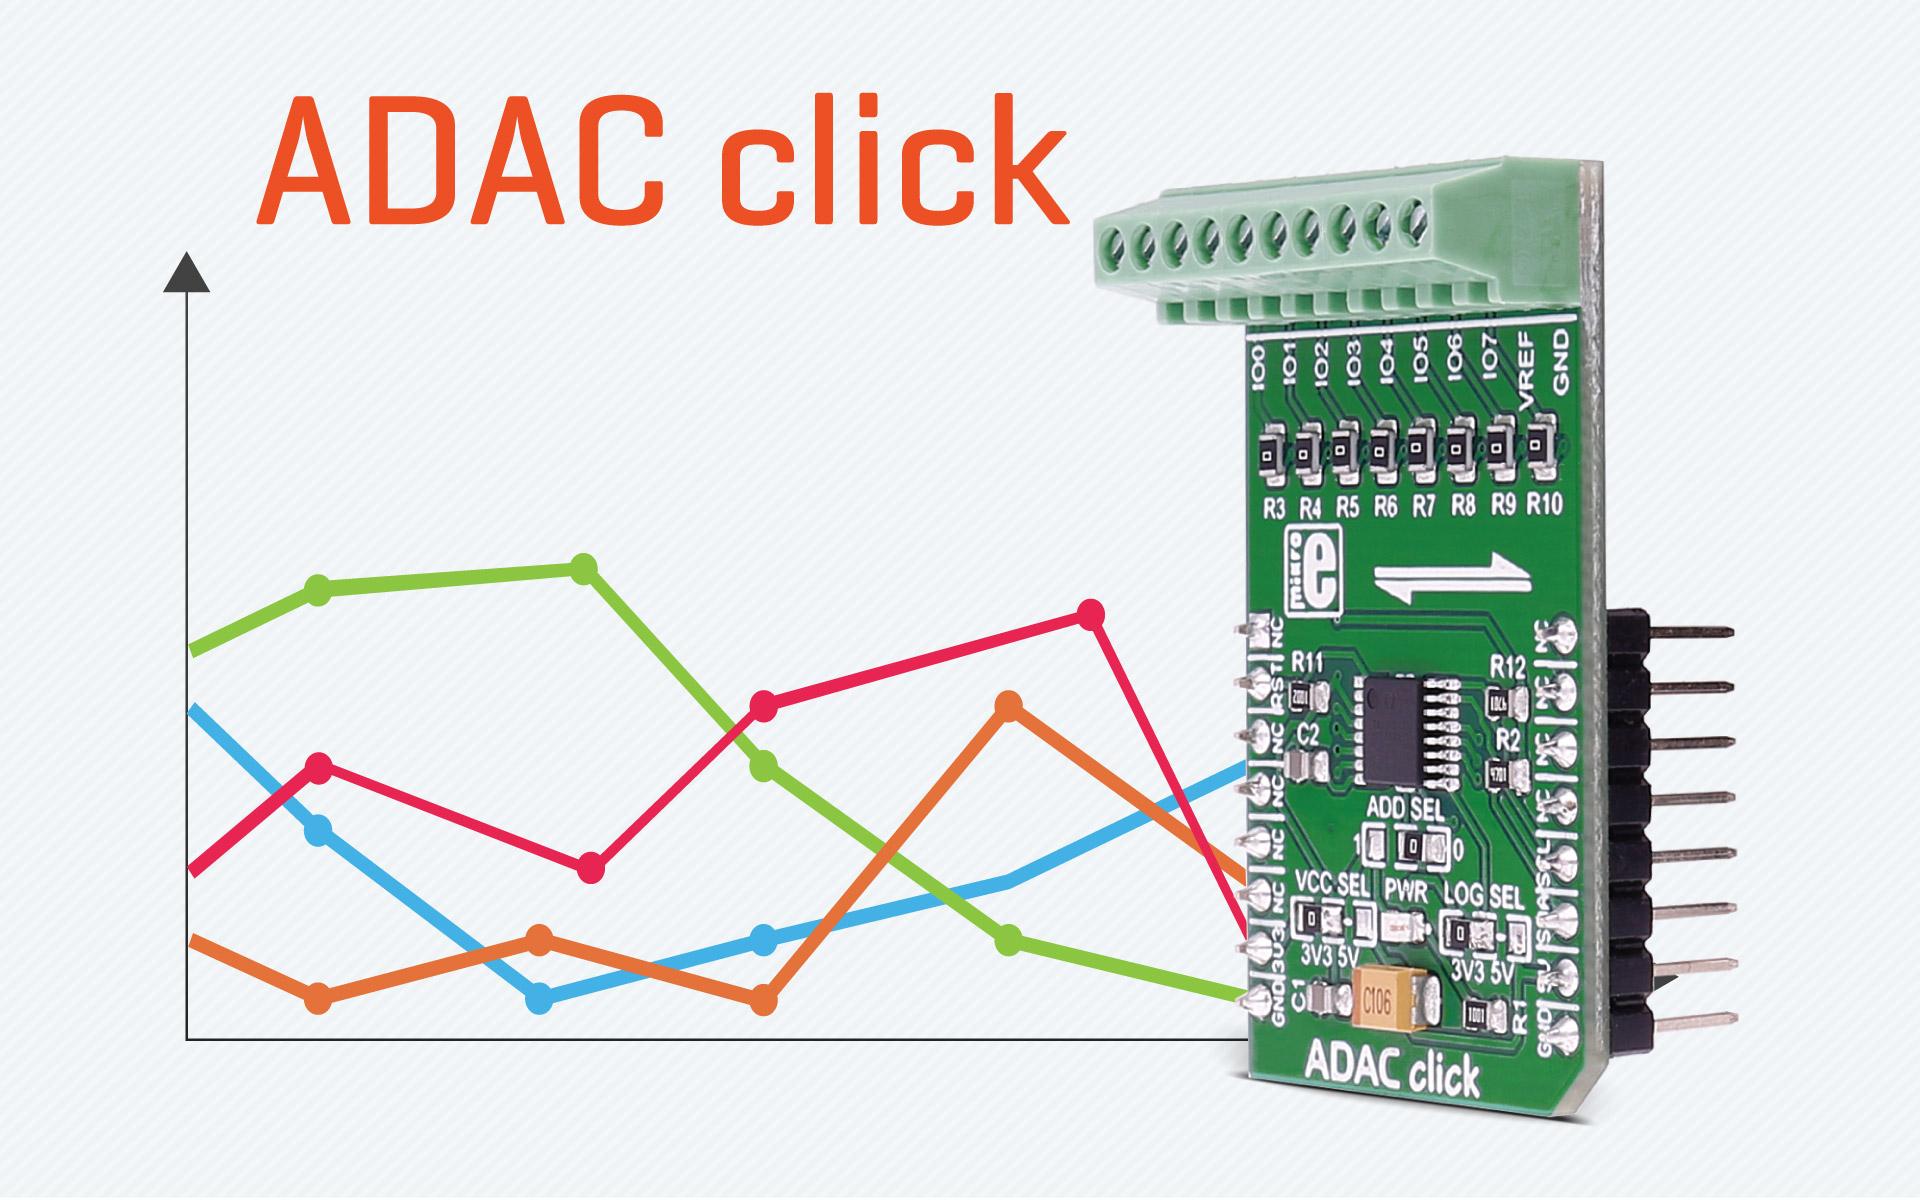 ADAC click - 12-bit ADC and DAC converter